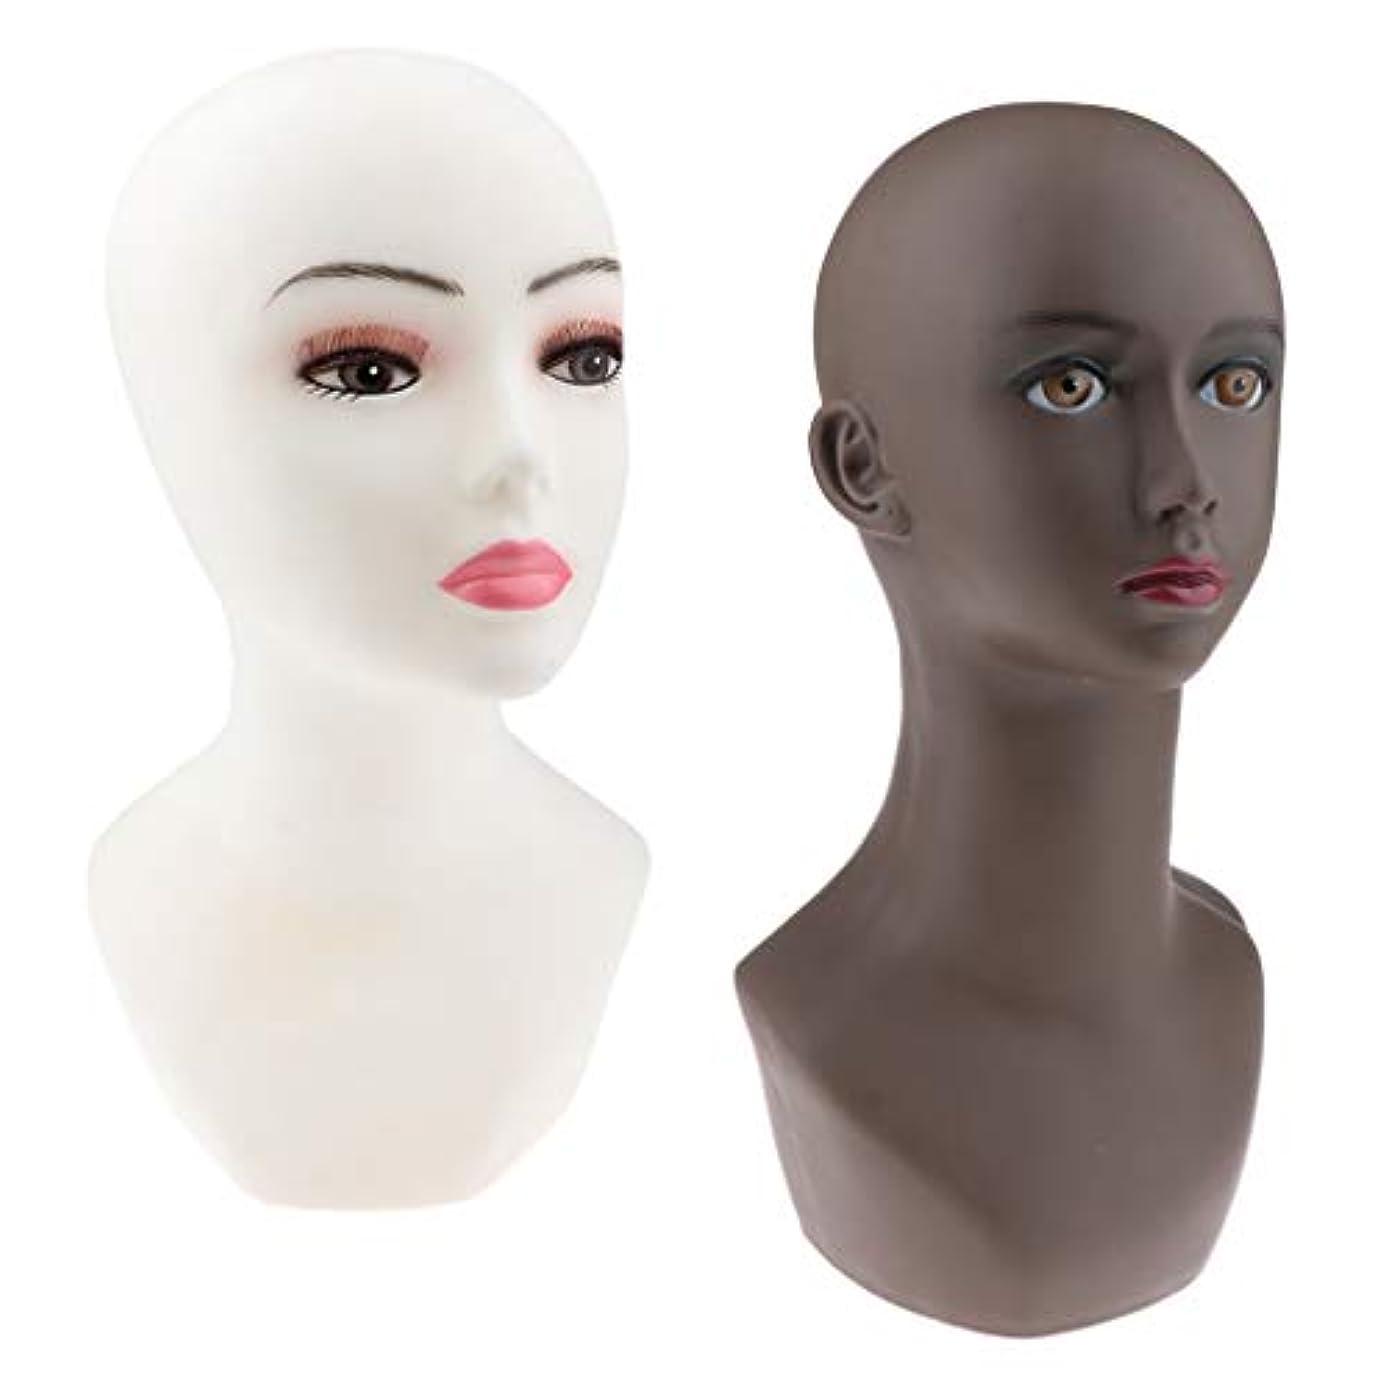 火星それにもかかわらず死の顎Toygogo 2ピース/個女性マネキンヘッドウィッグ/メガネ/帽子/ヘッドセットディスモデルラック